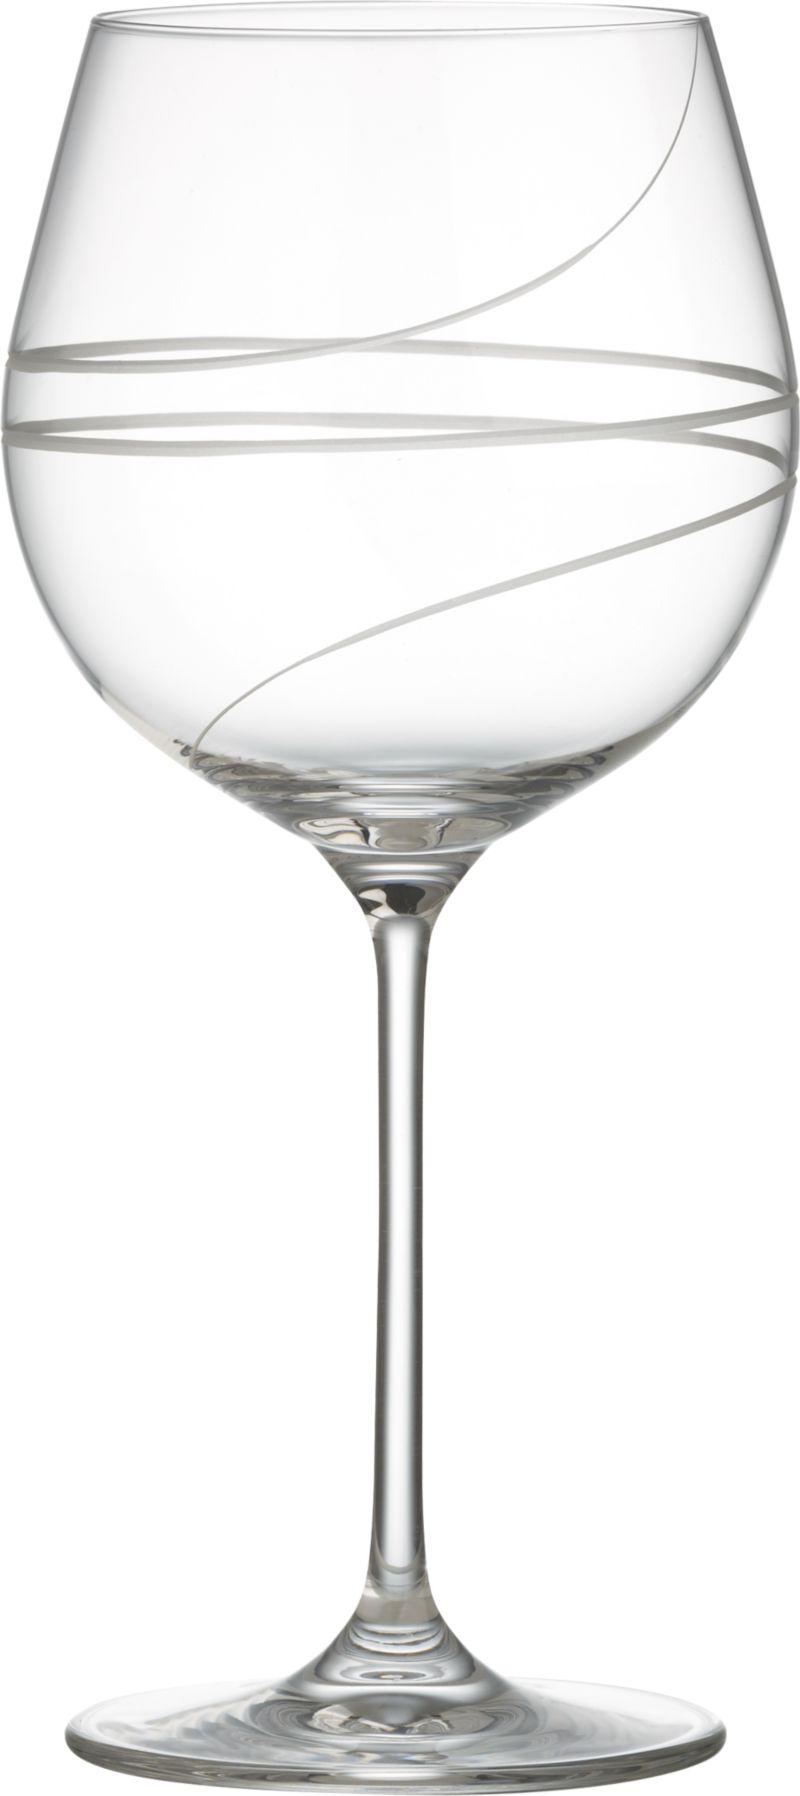 Elegant hand-engraved spirals add élan to the classic balloon wine glass. Modern machine-blown process mimics handblown glass at an affordable price.<br /><br /><NEWTAG/><ul><li>Clear glass</li><li>Hand-engraved and polished design</li><li>Diamond-cut and fire-polished rim</li><li>Hand wash</li><li>Made in Slovakia</li></ul>